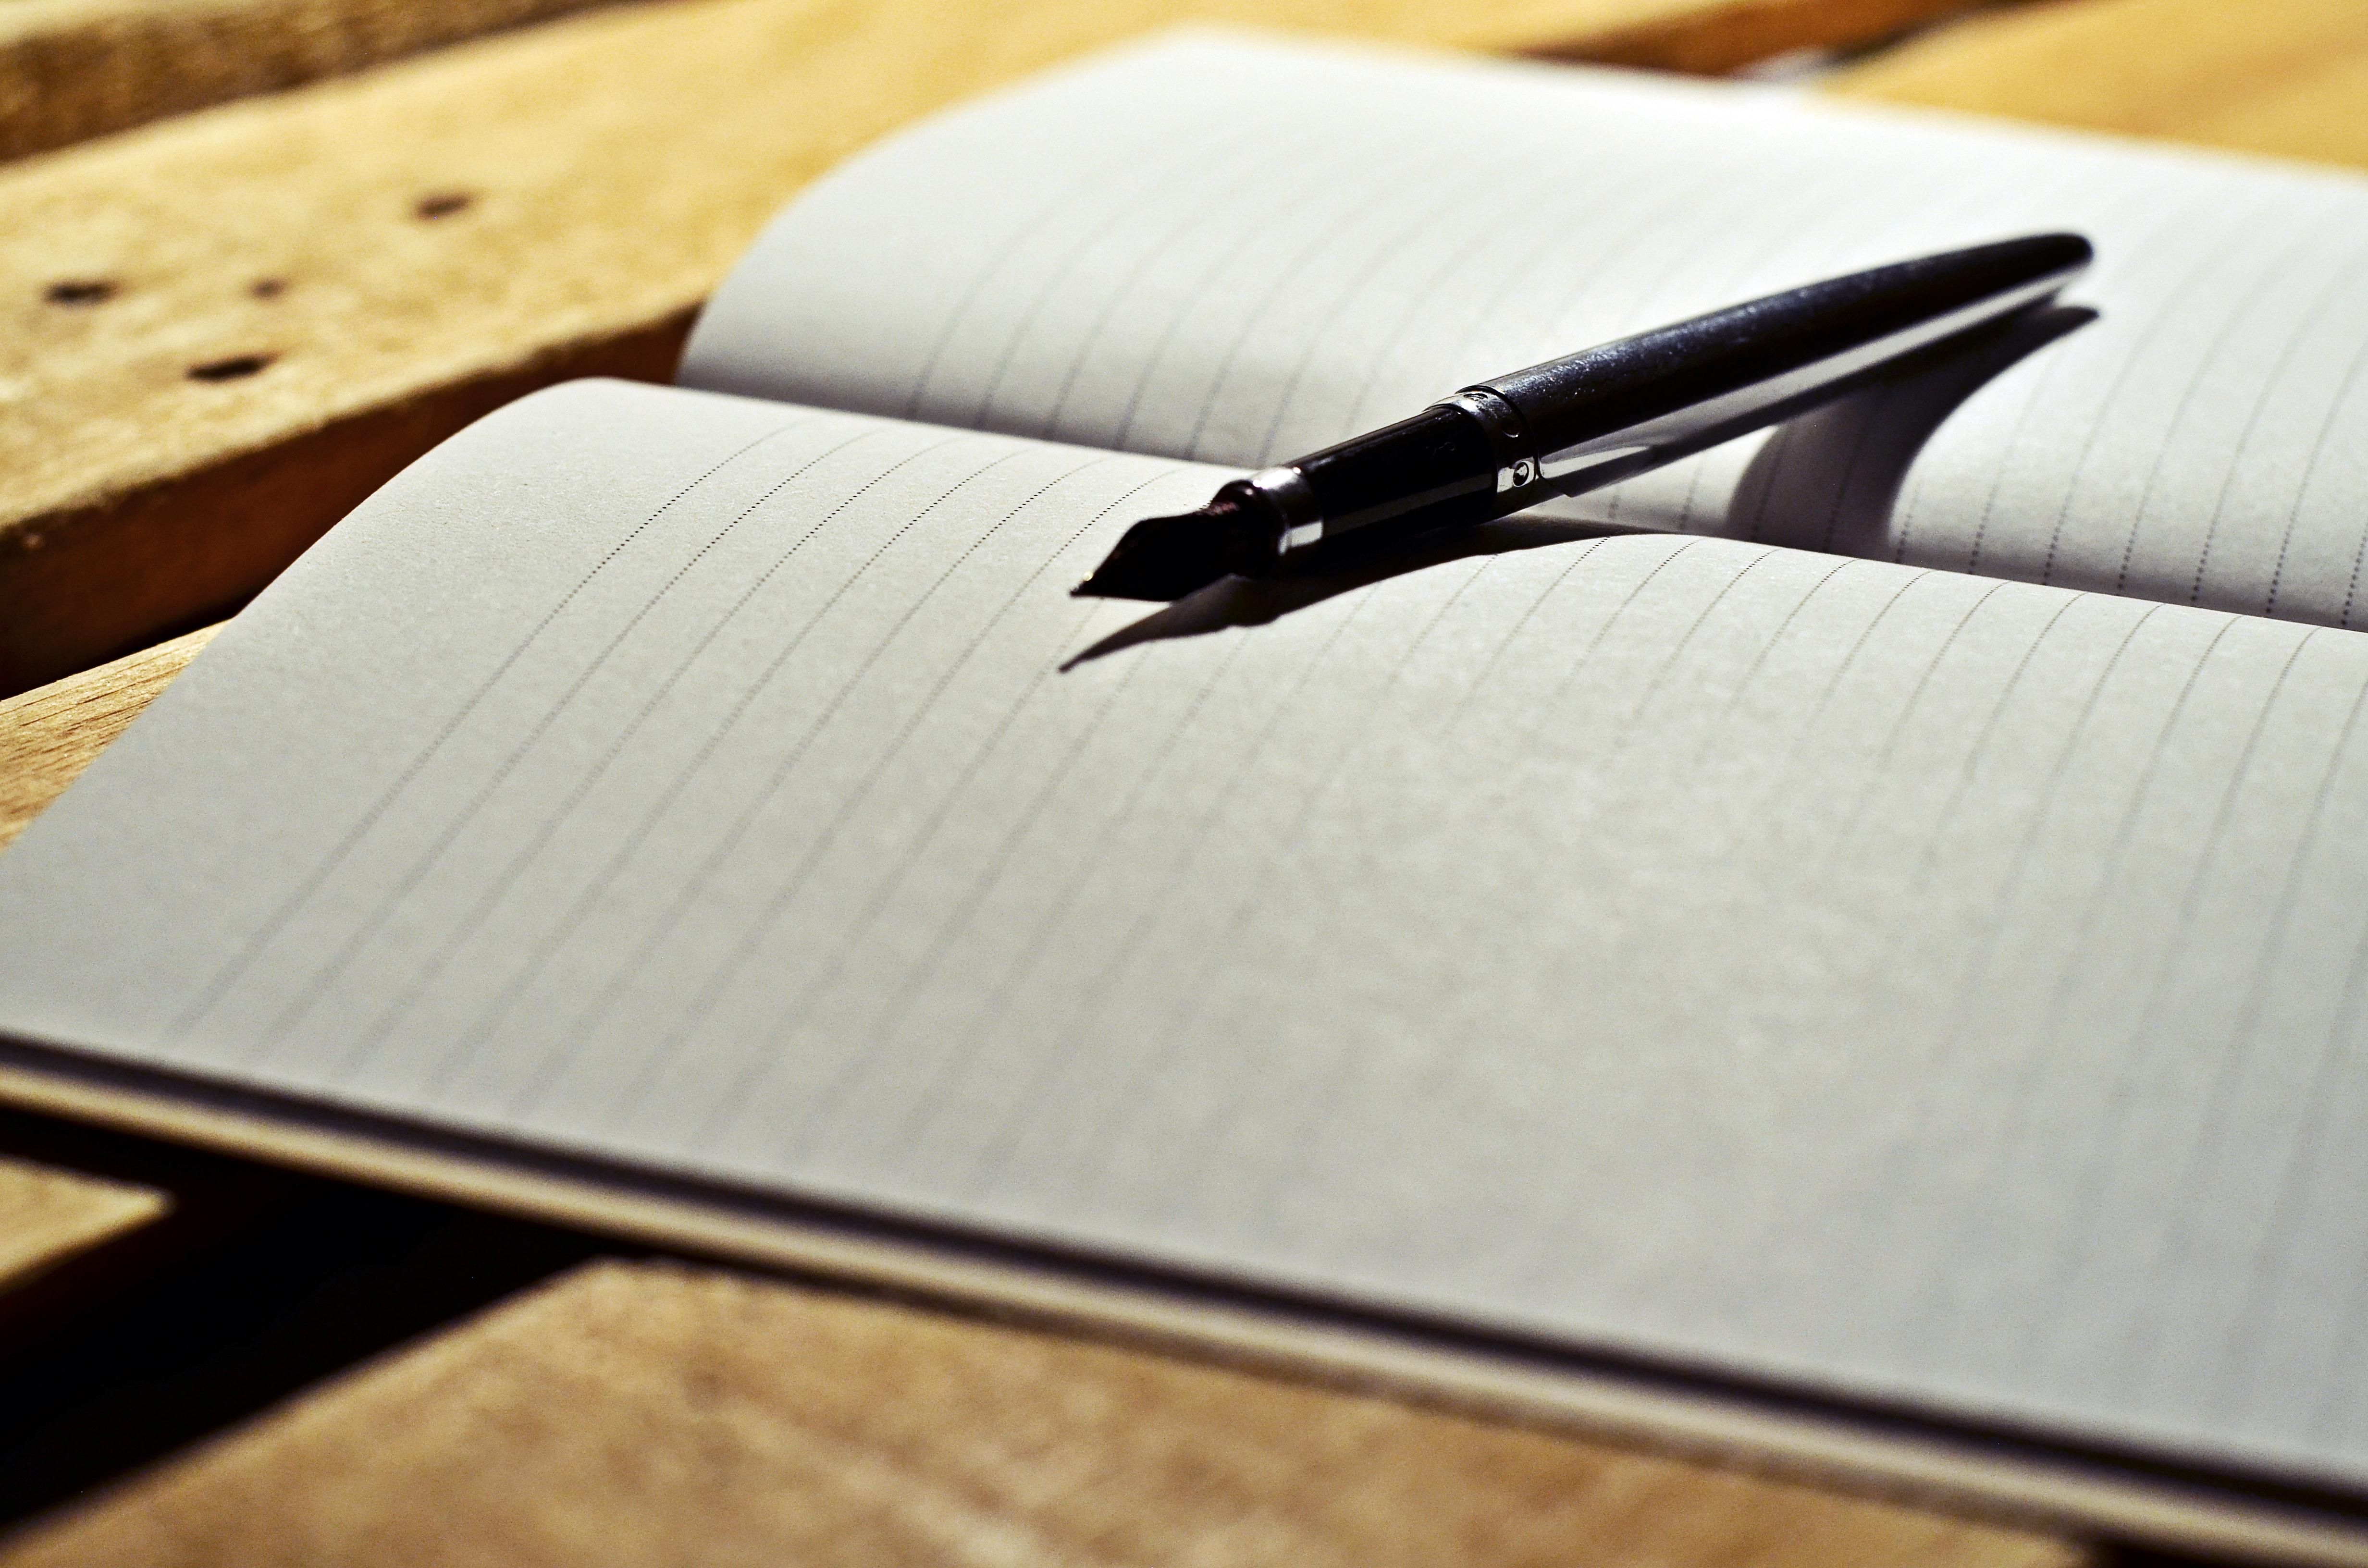 Poezie - básnička o těžkostech na duši